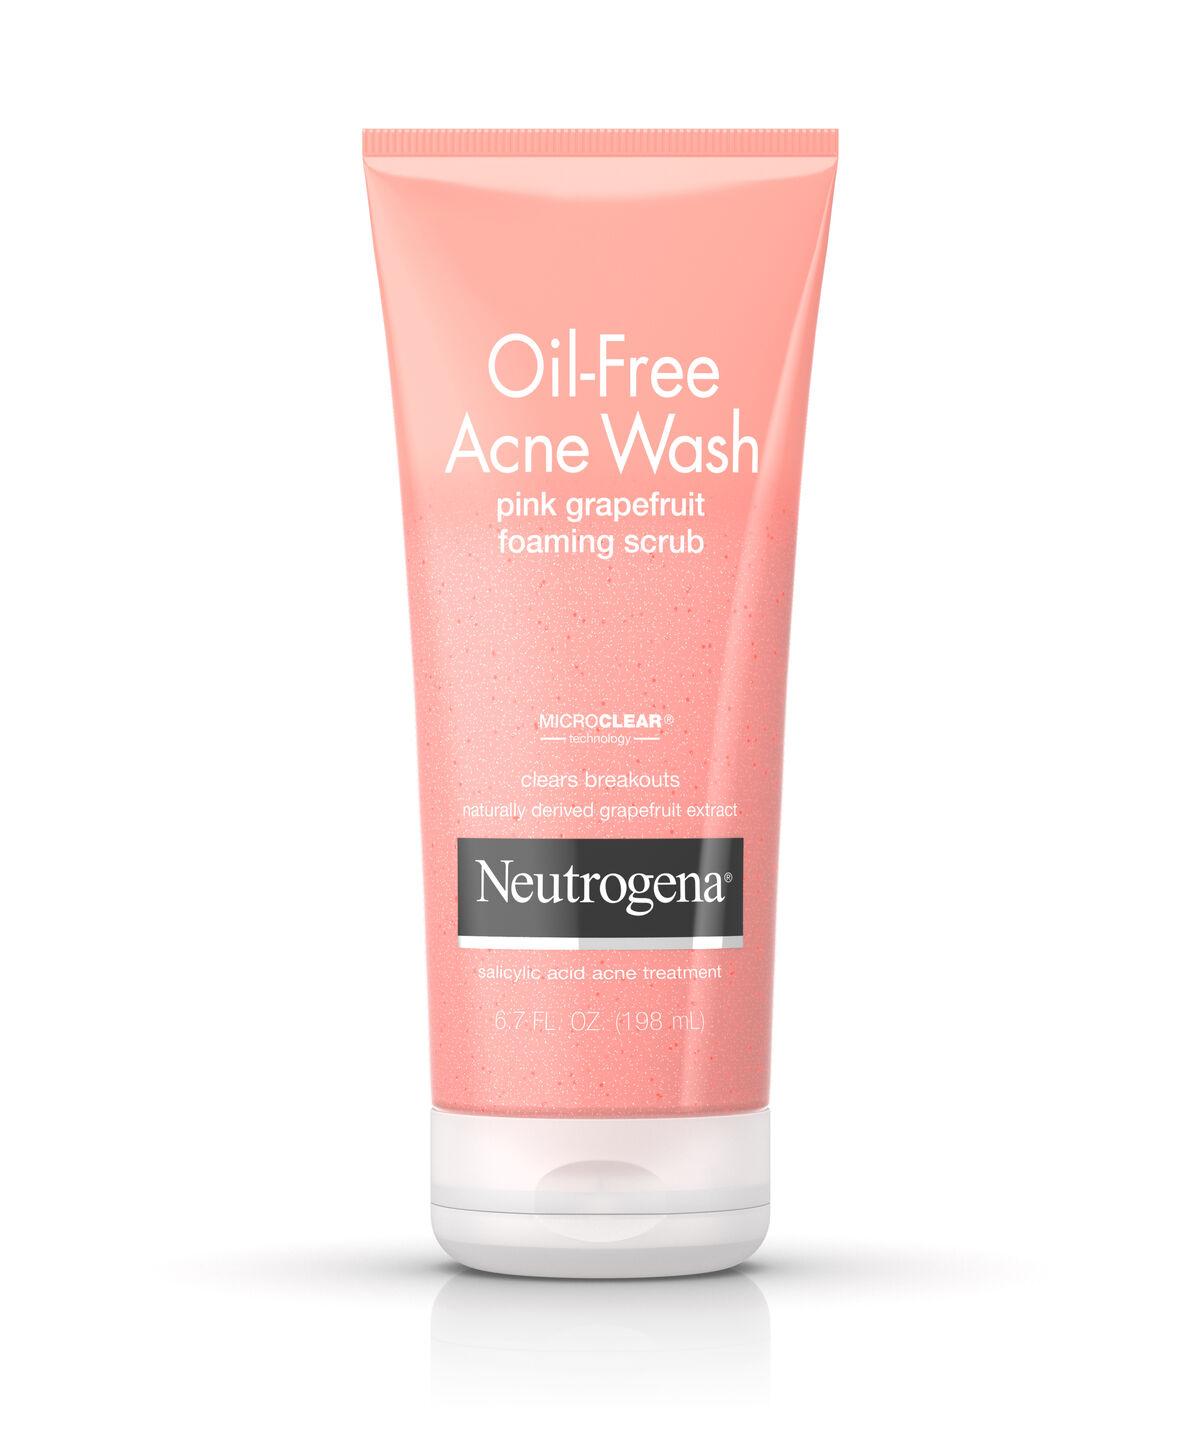 Skin Care Viva Untuk Kulit Berminyak: Oil-Free Acne Wash Pink Grapefruit Foaming Scrub